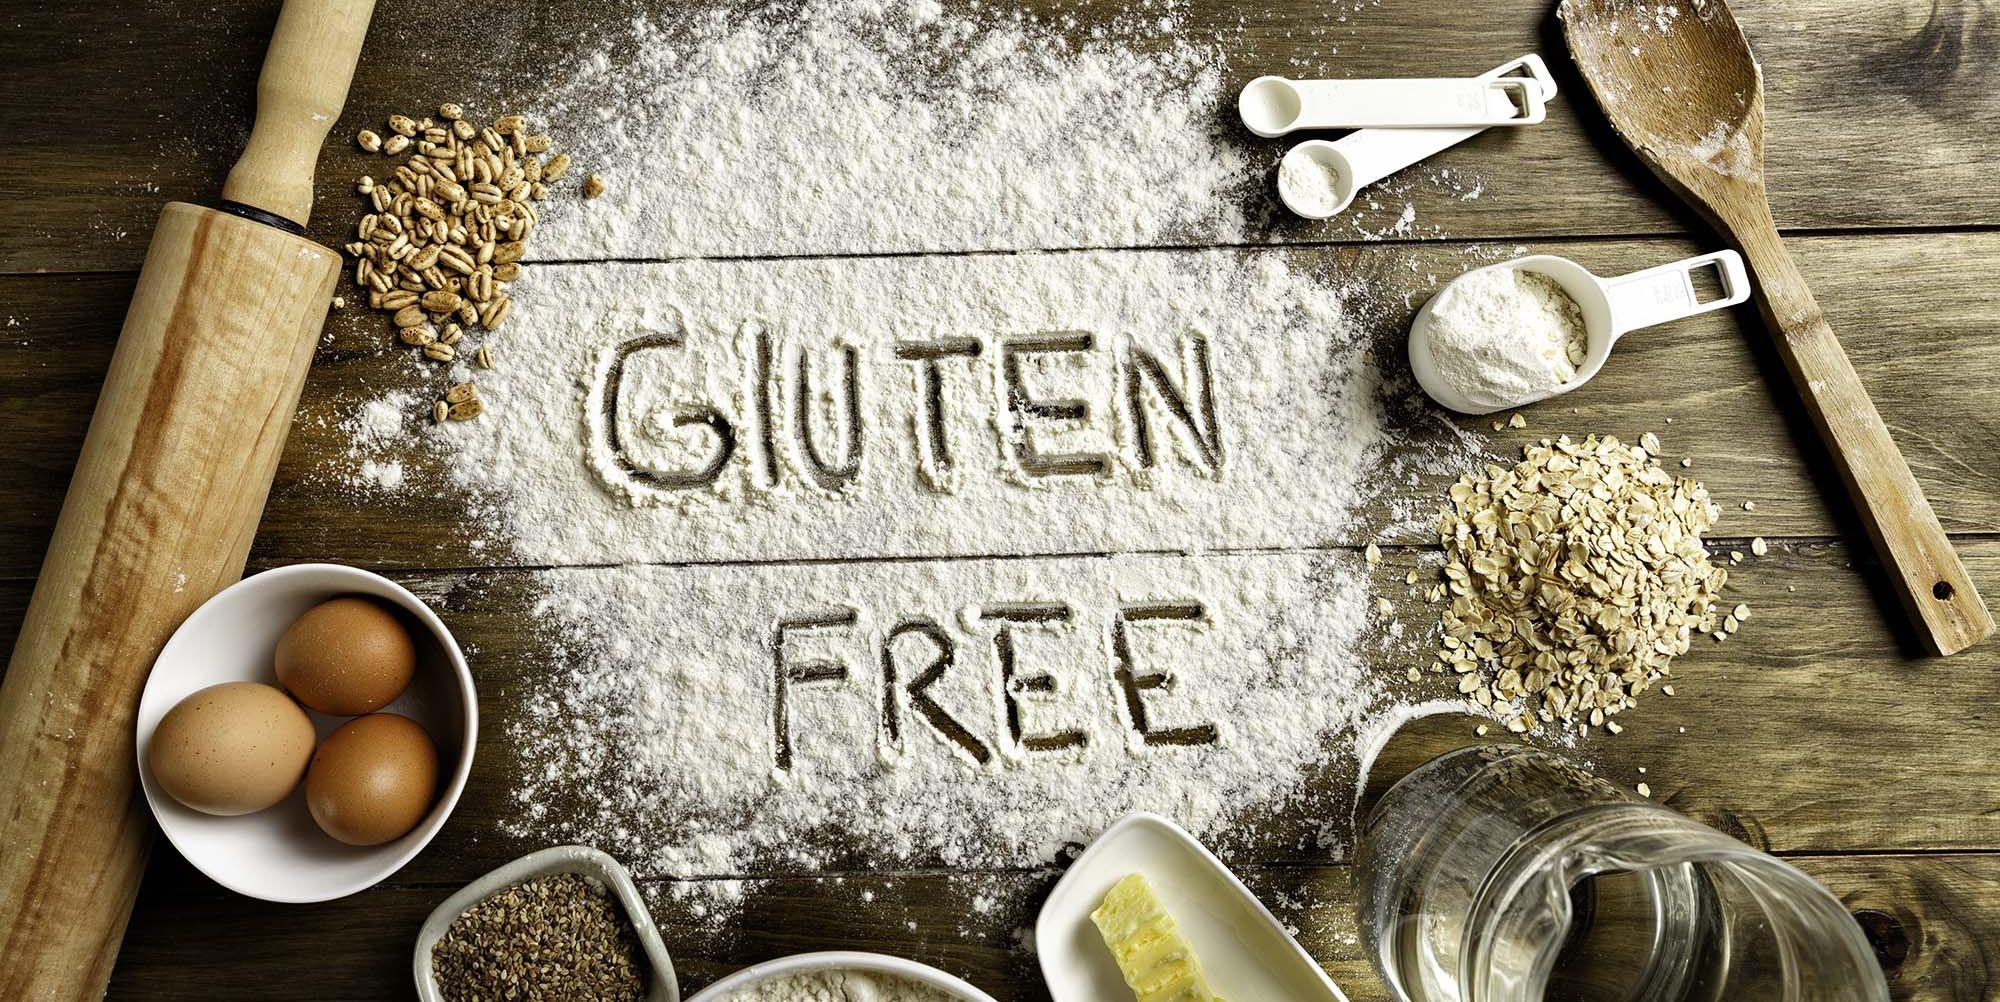 Todo lo que el gluten puede causar... sin ser celíaco